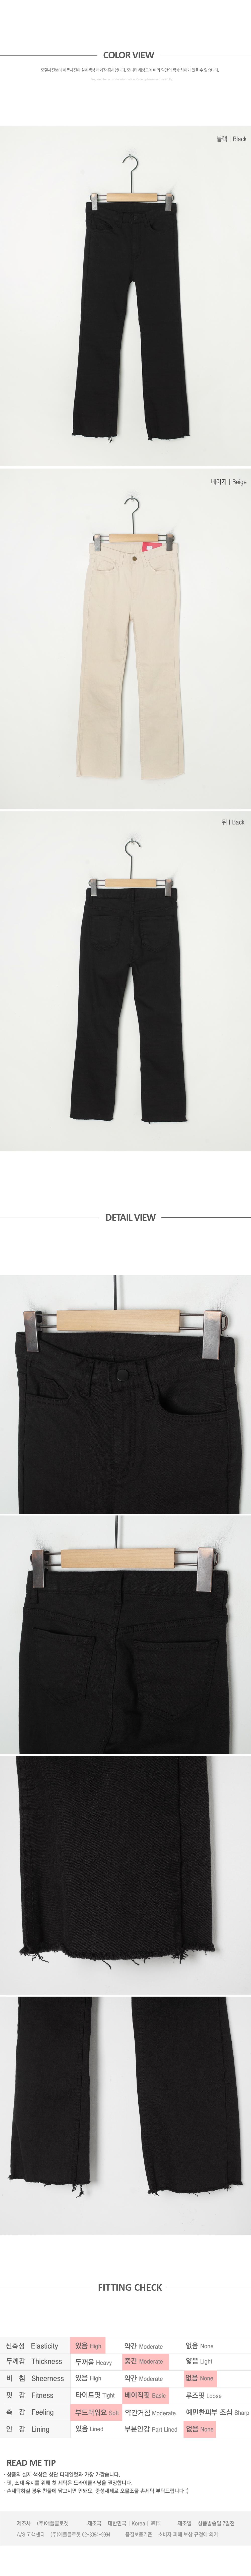 Basic slim boots cut pants